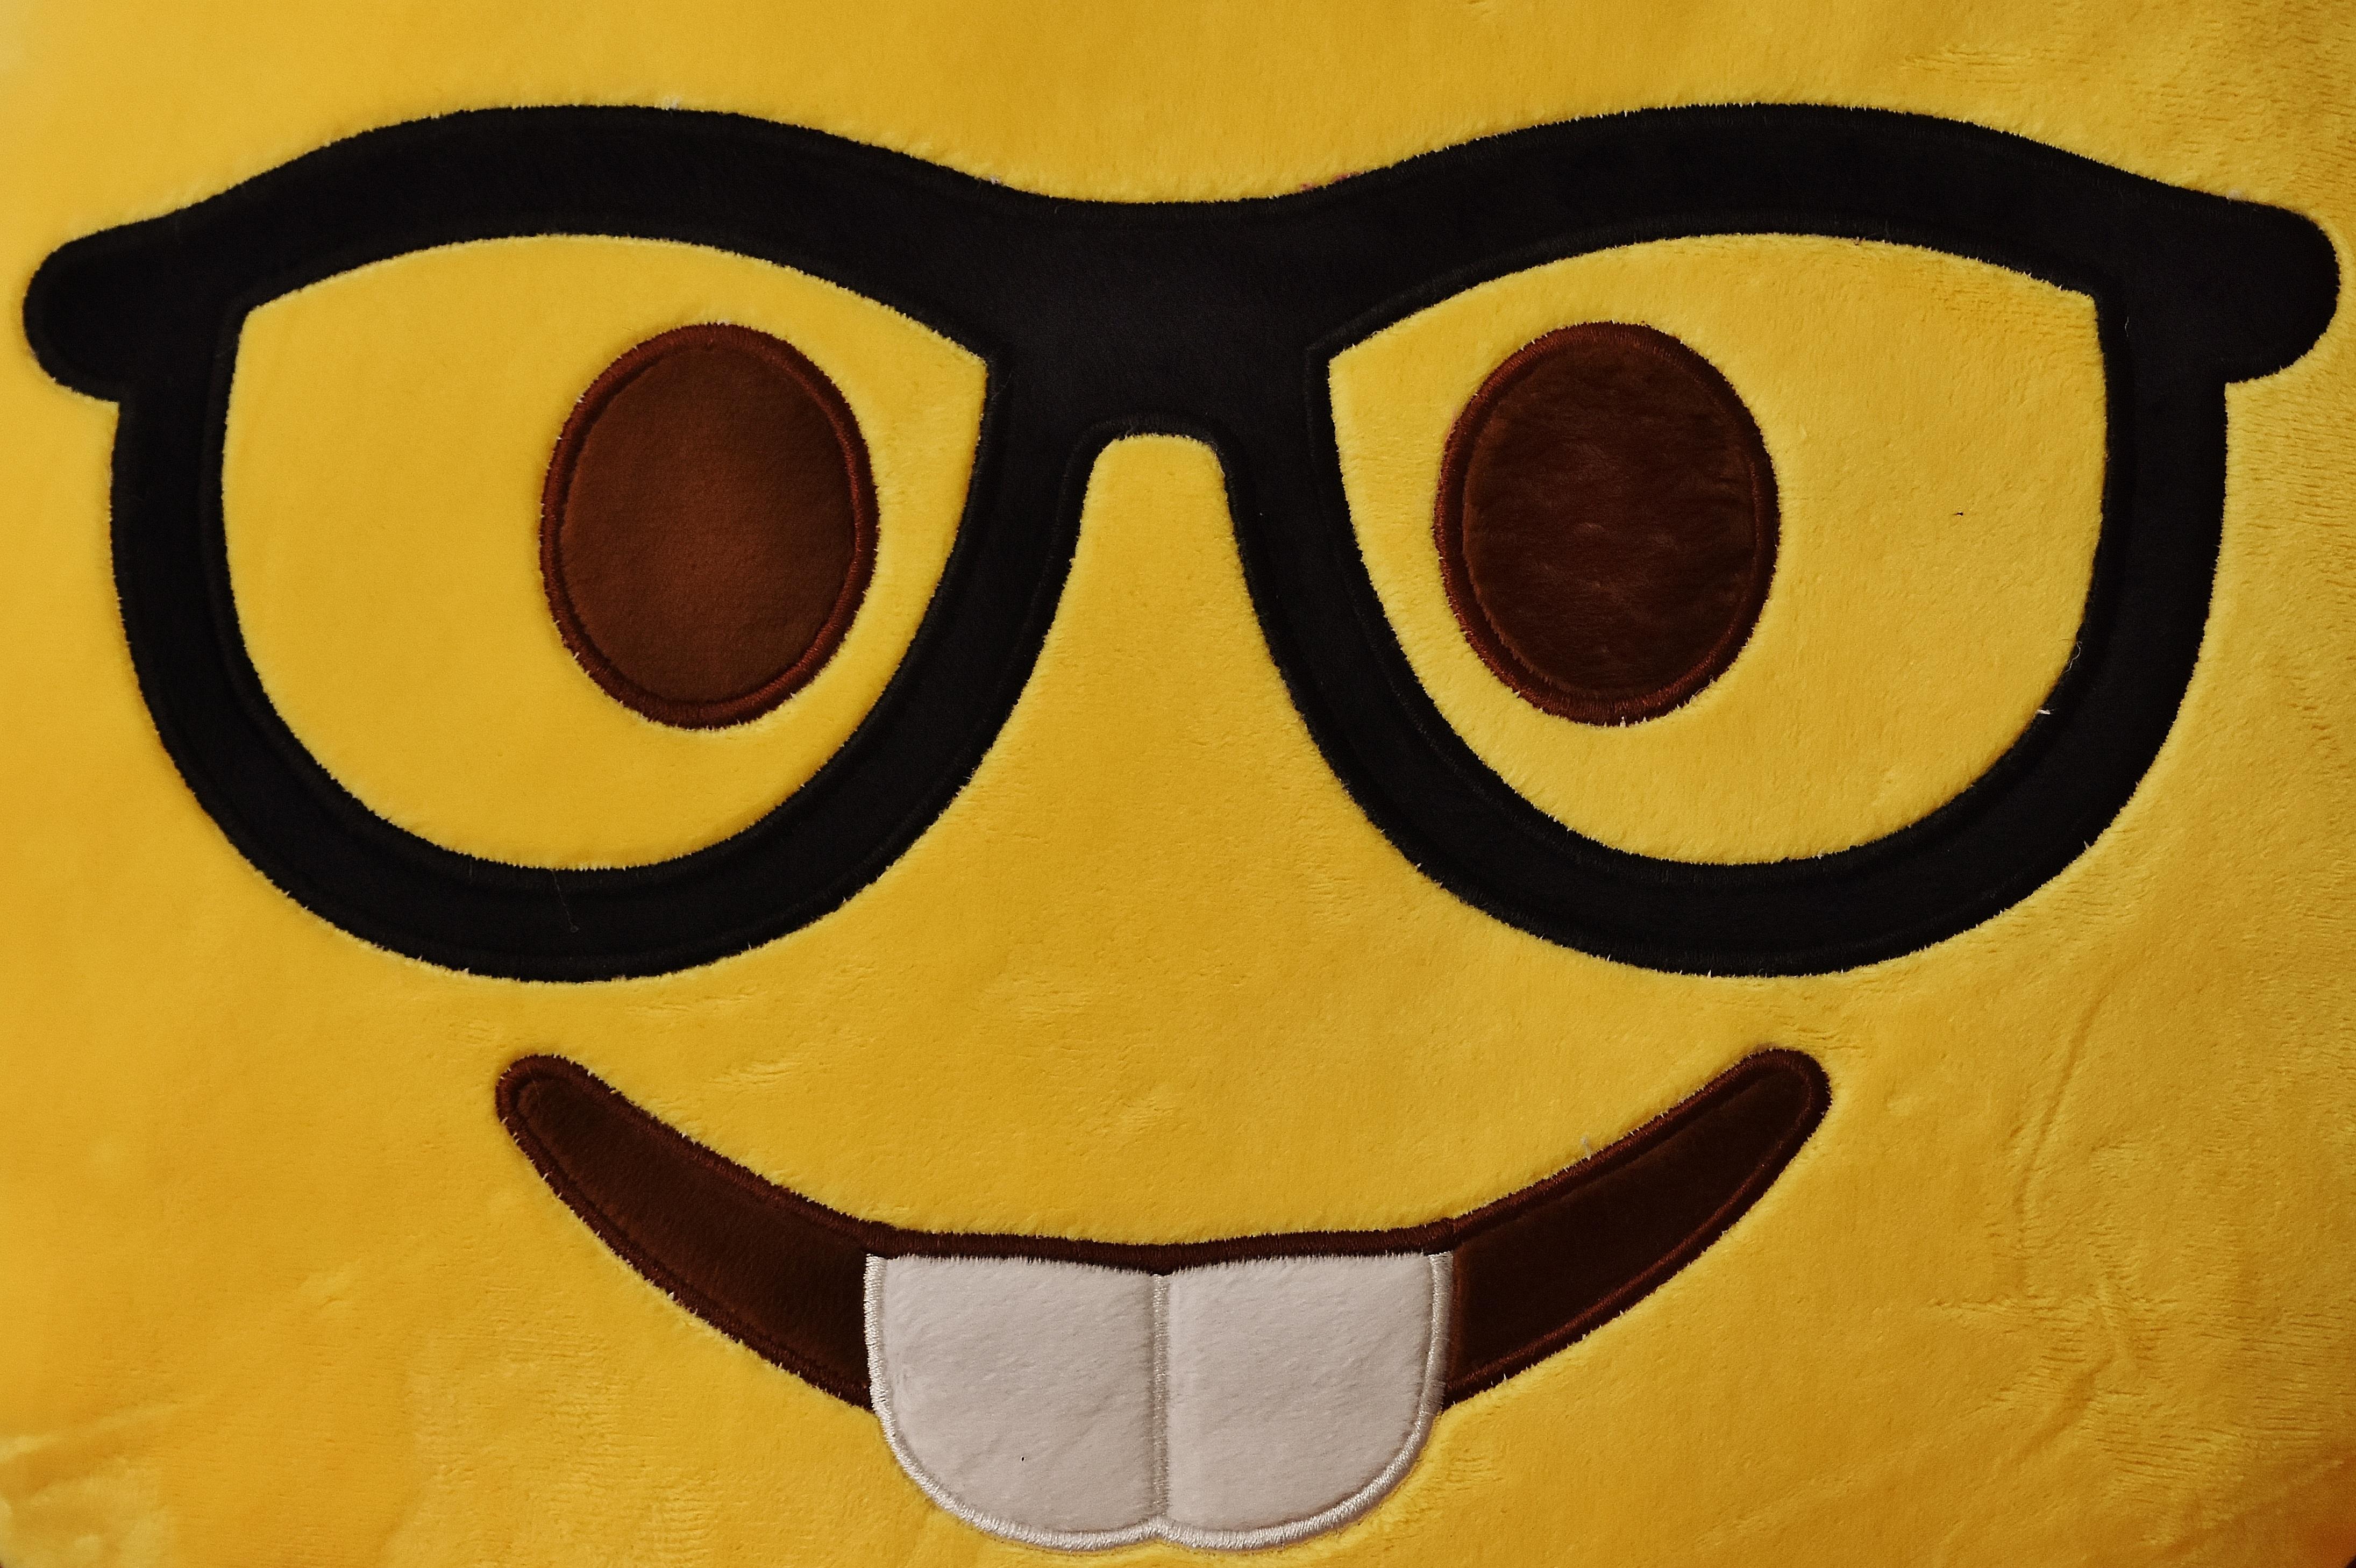 52b66bfb2b0f gul frisure smil cirkel Grine glad ansigt illustration lykkelig briller  overskæg sjov glæde fræk kostume emotion